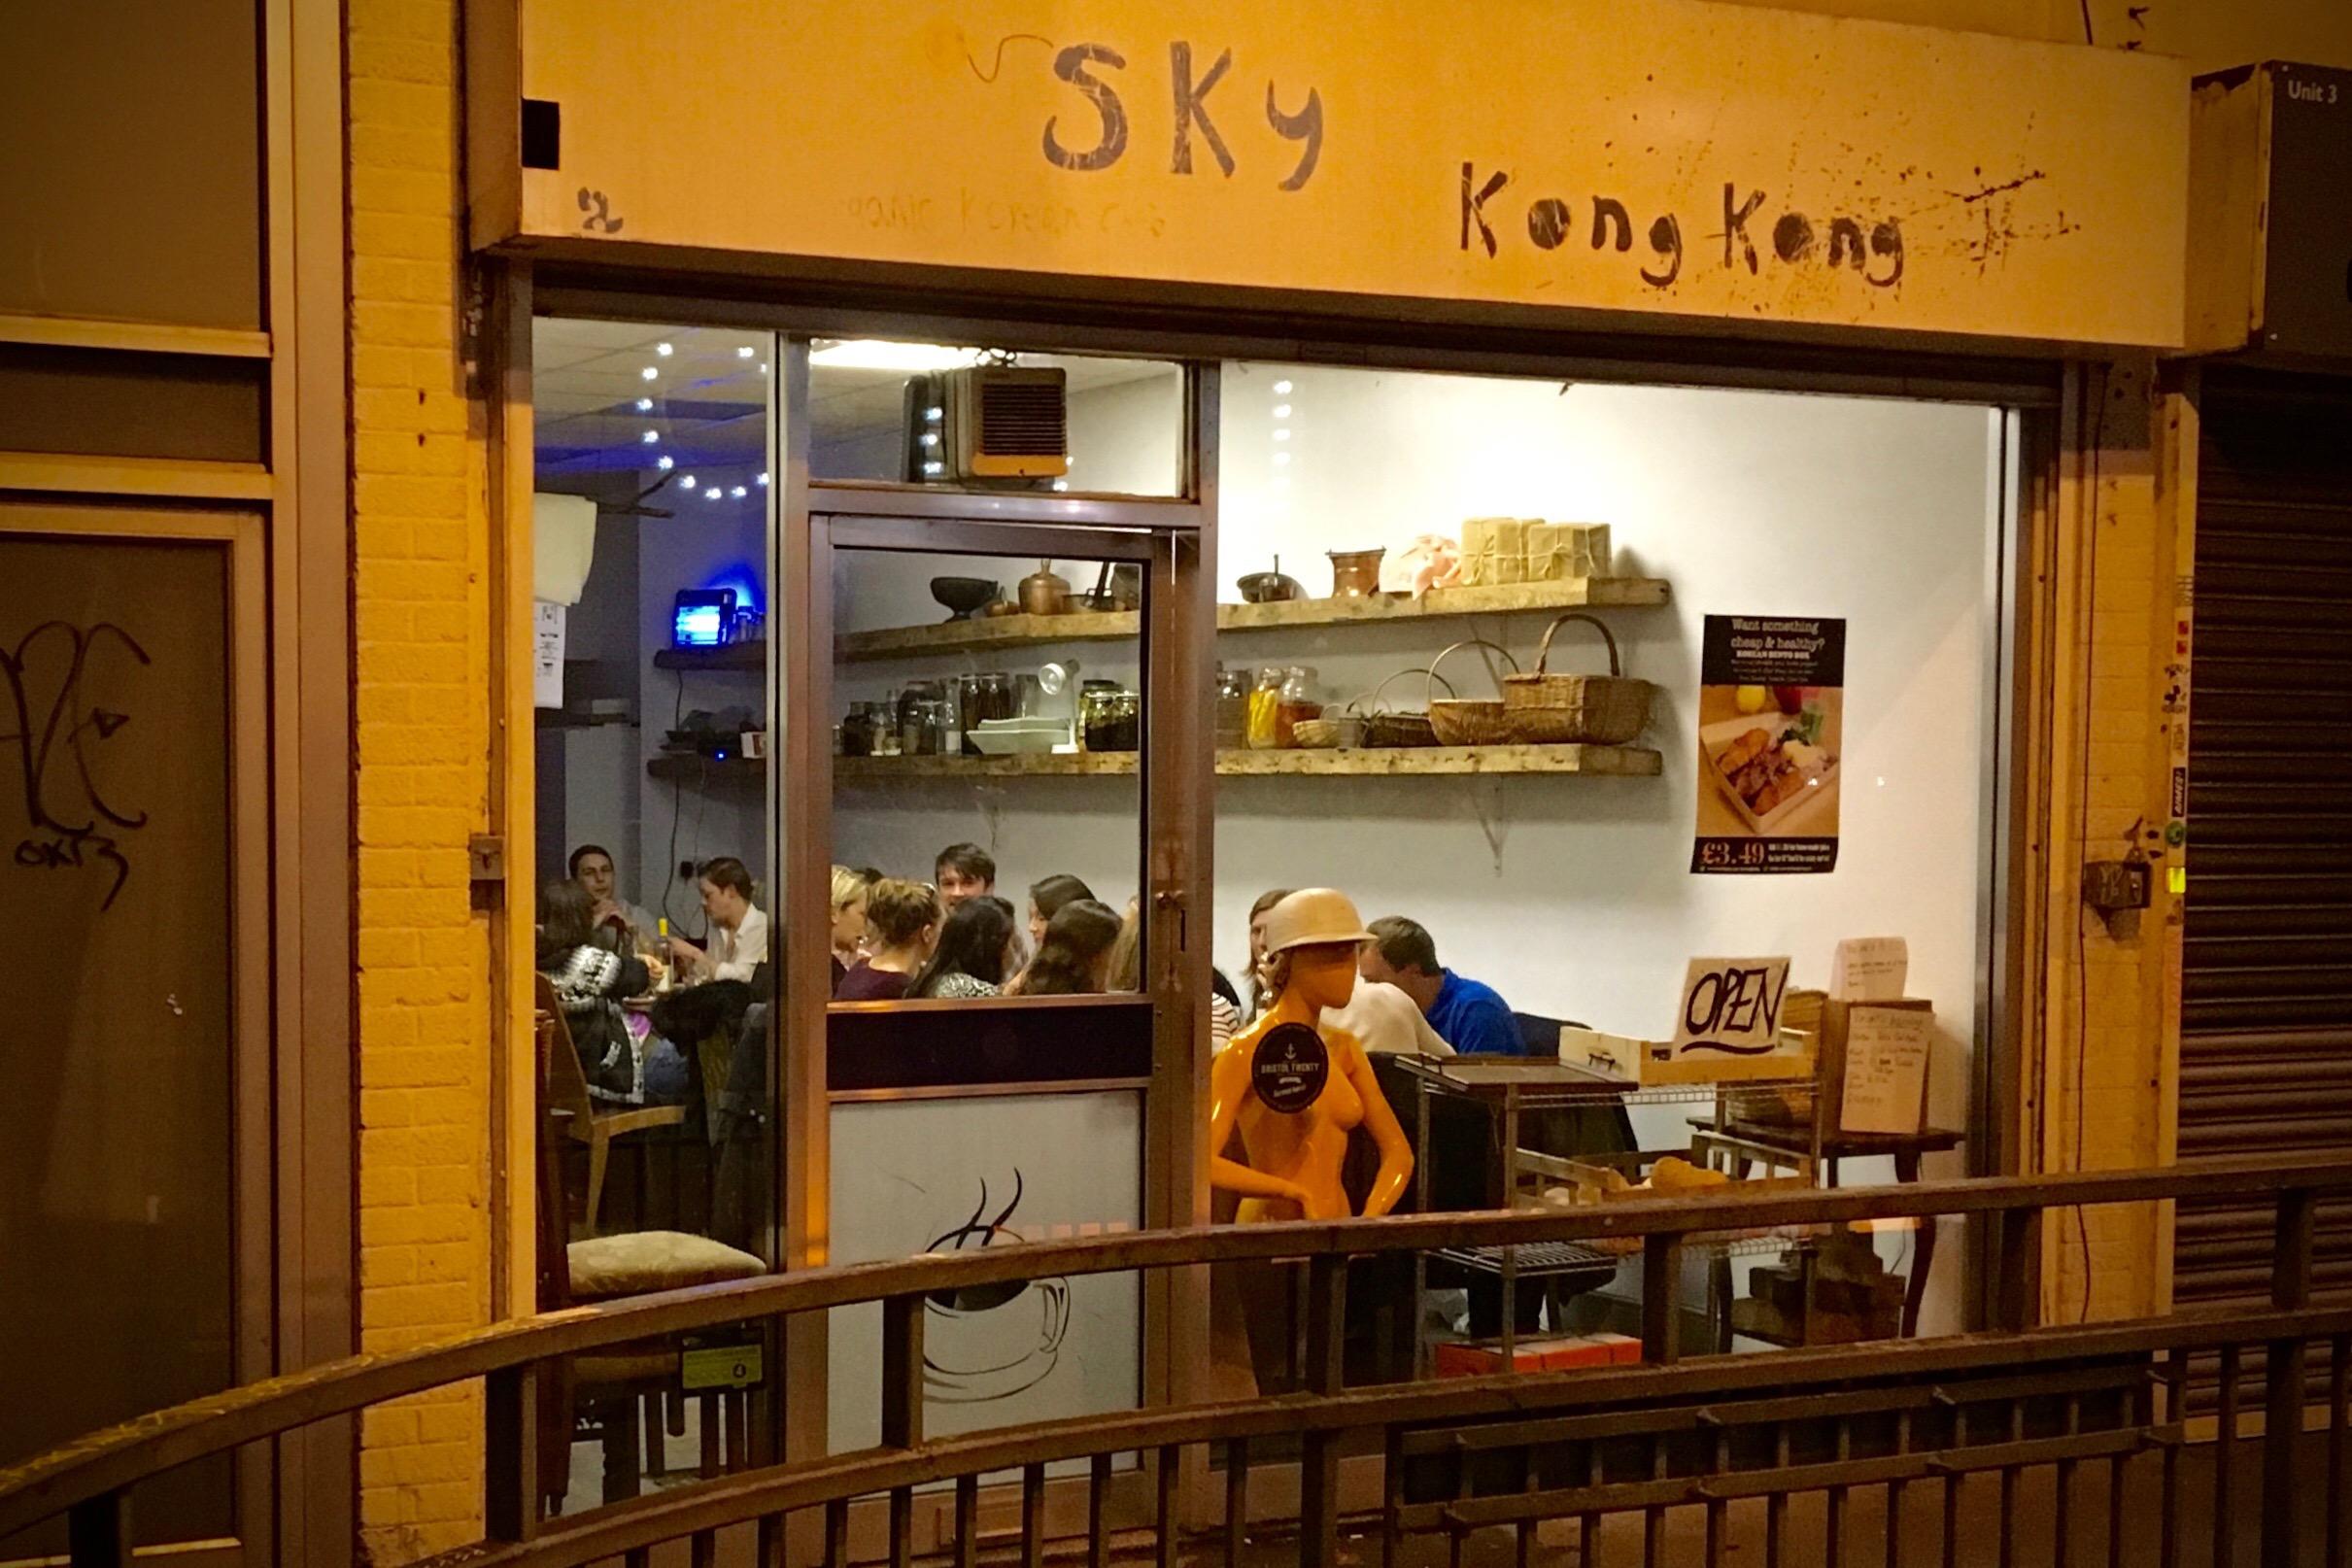 SKY KONG KONG for hire